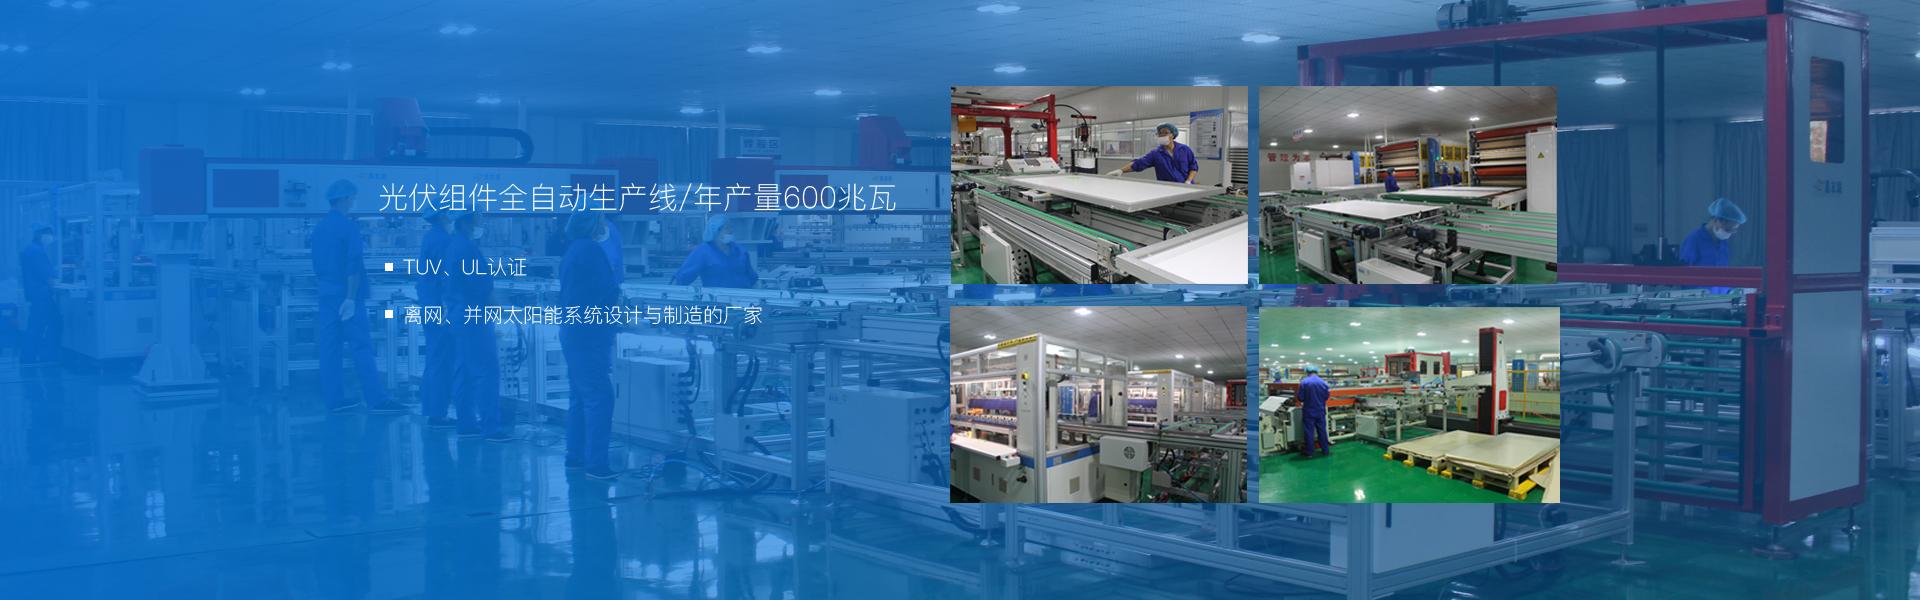 光伏組件全自動生產線/年產量600兆瓦